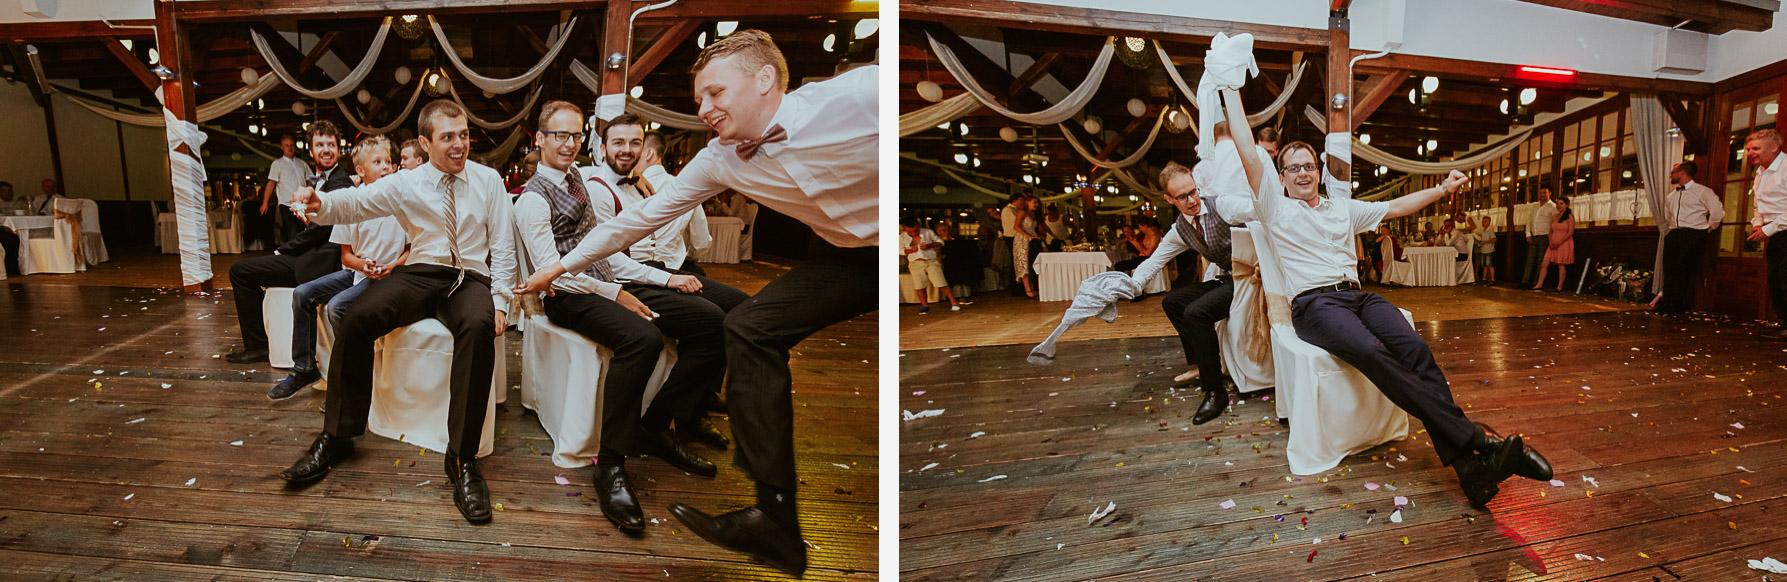 Zdjęcia Ślubne Racibórz 100 a16